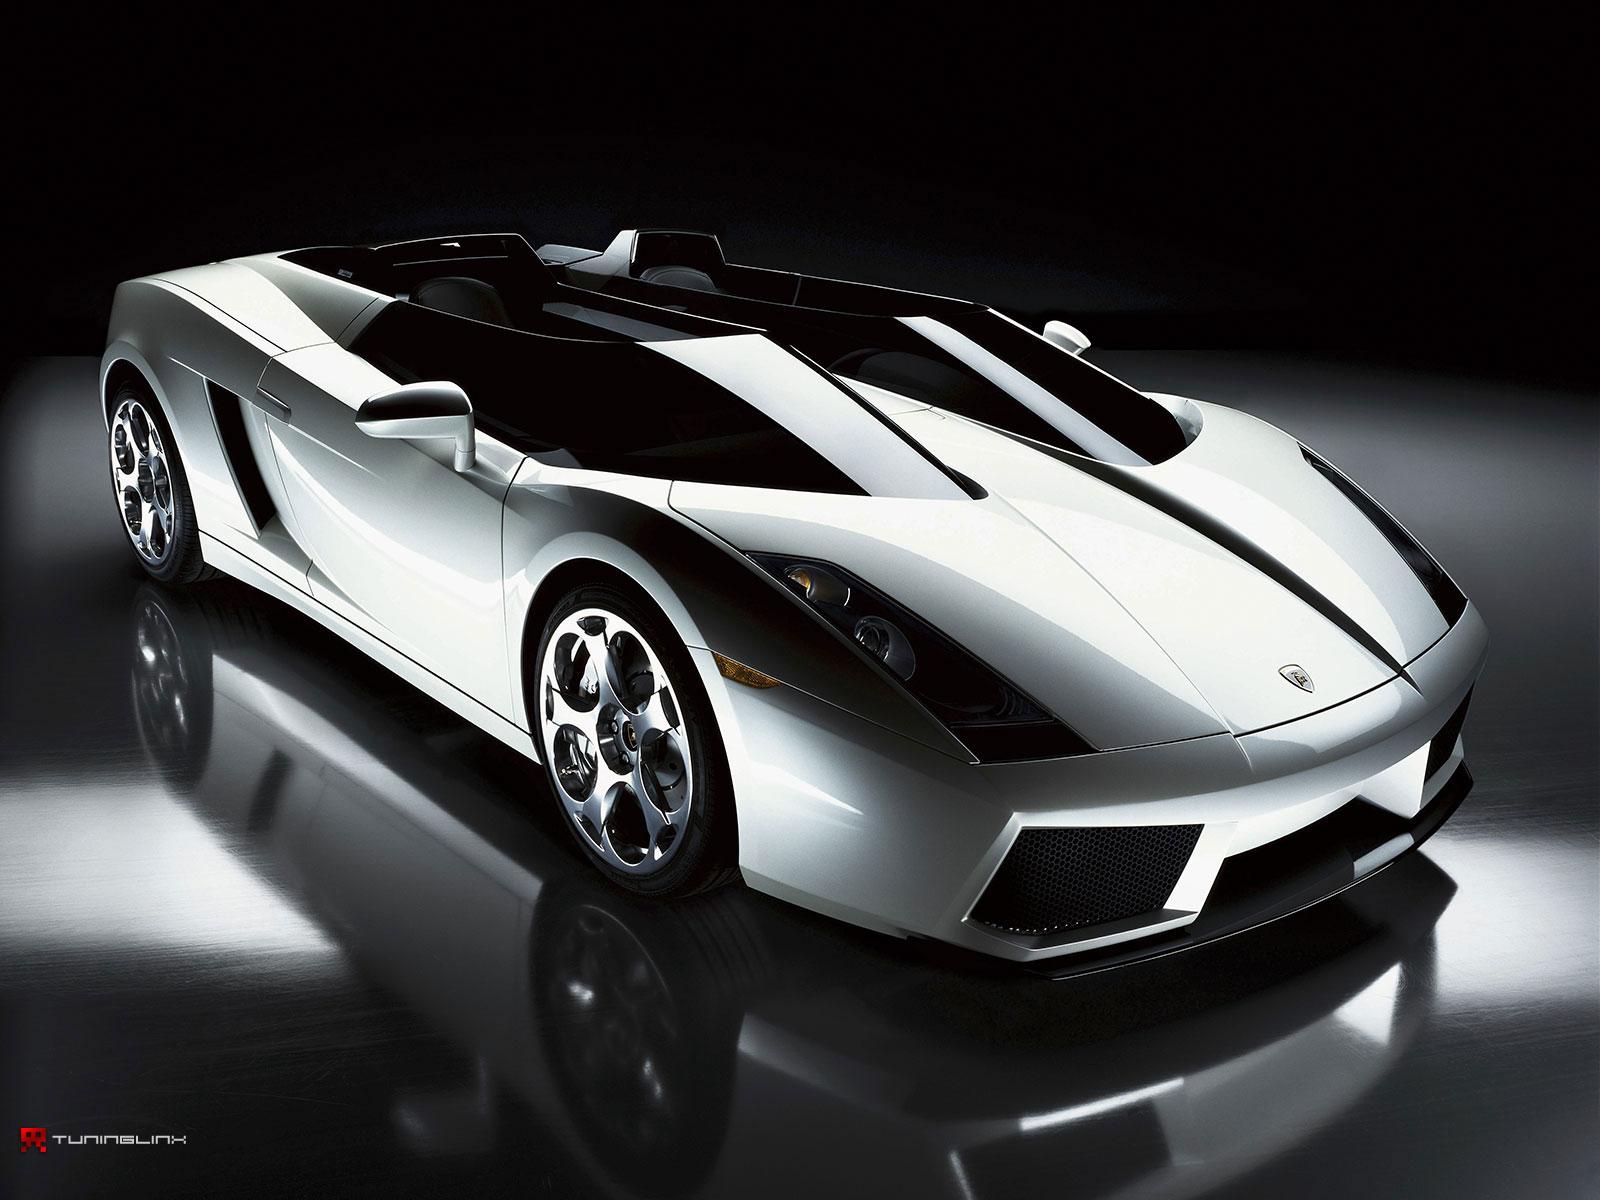 Lamborghini Car Wallpapers Hd  Nice Wallpapers